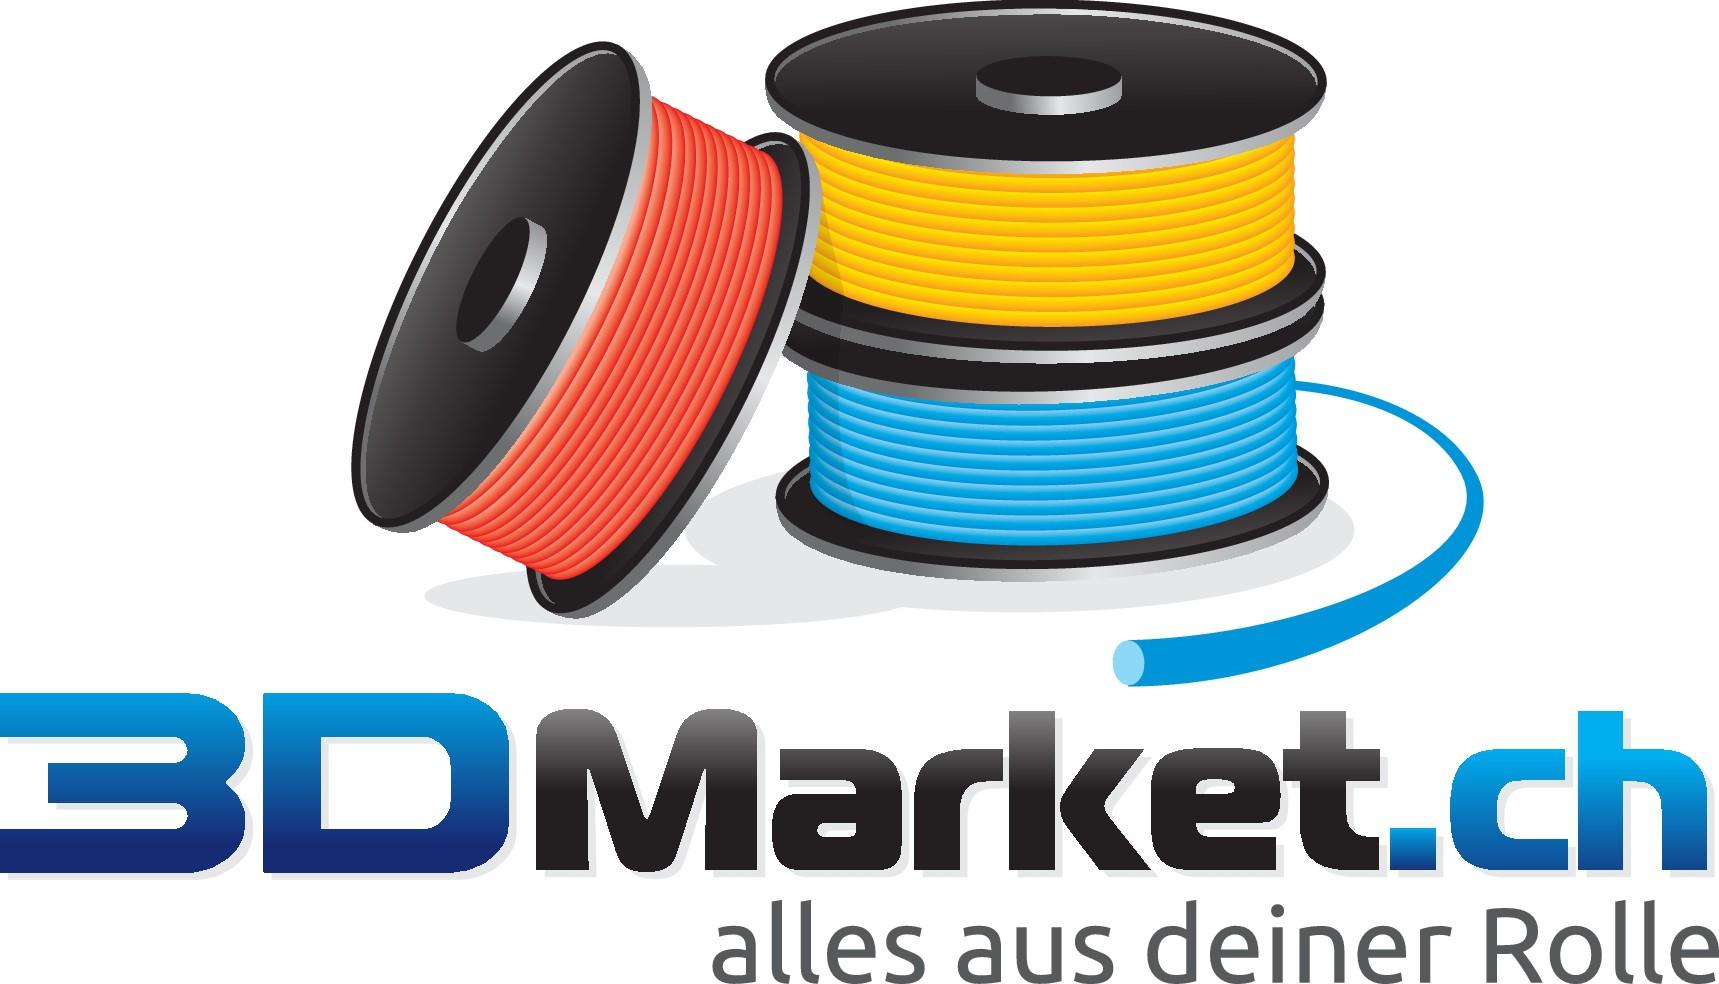 Designt ein aussagekräftiges Logo für Filamente